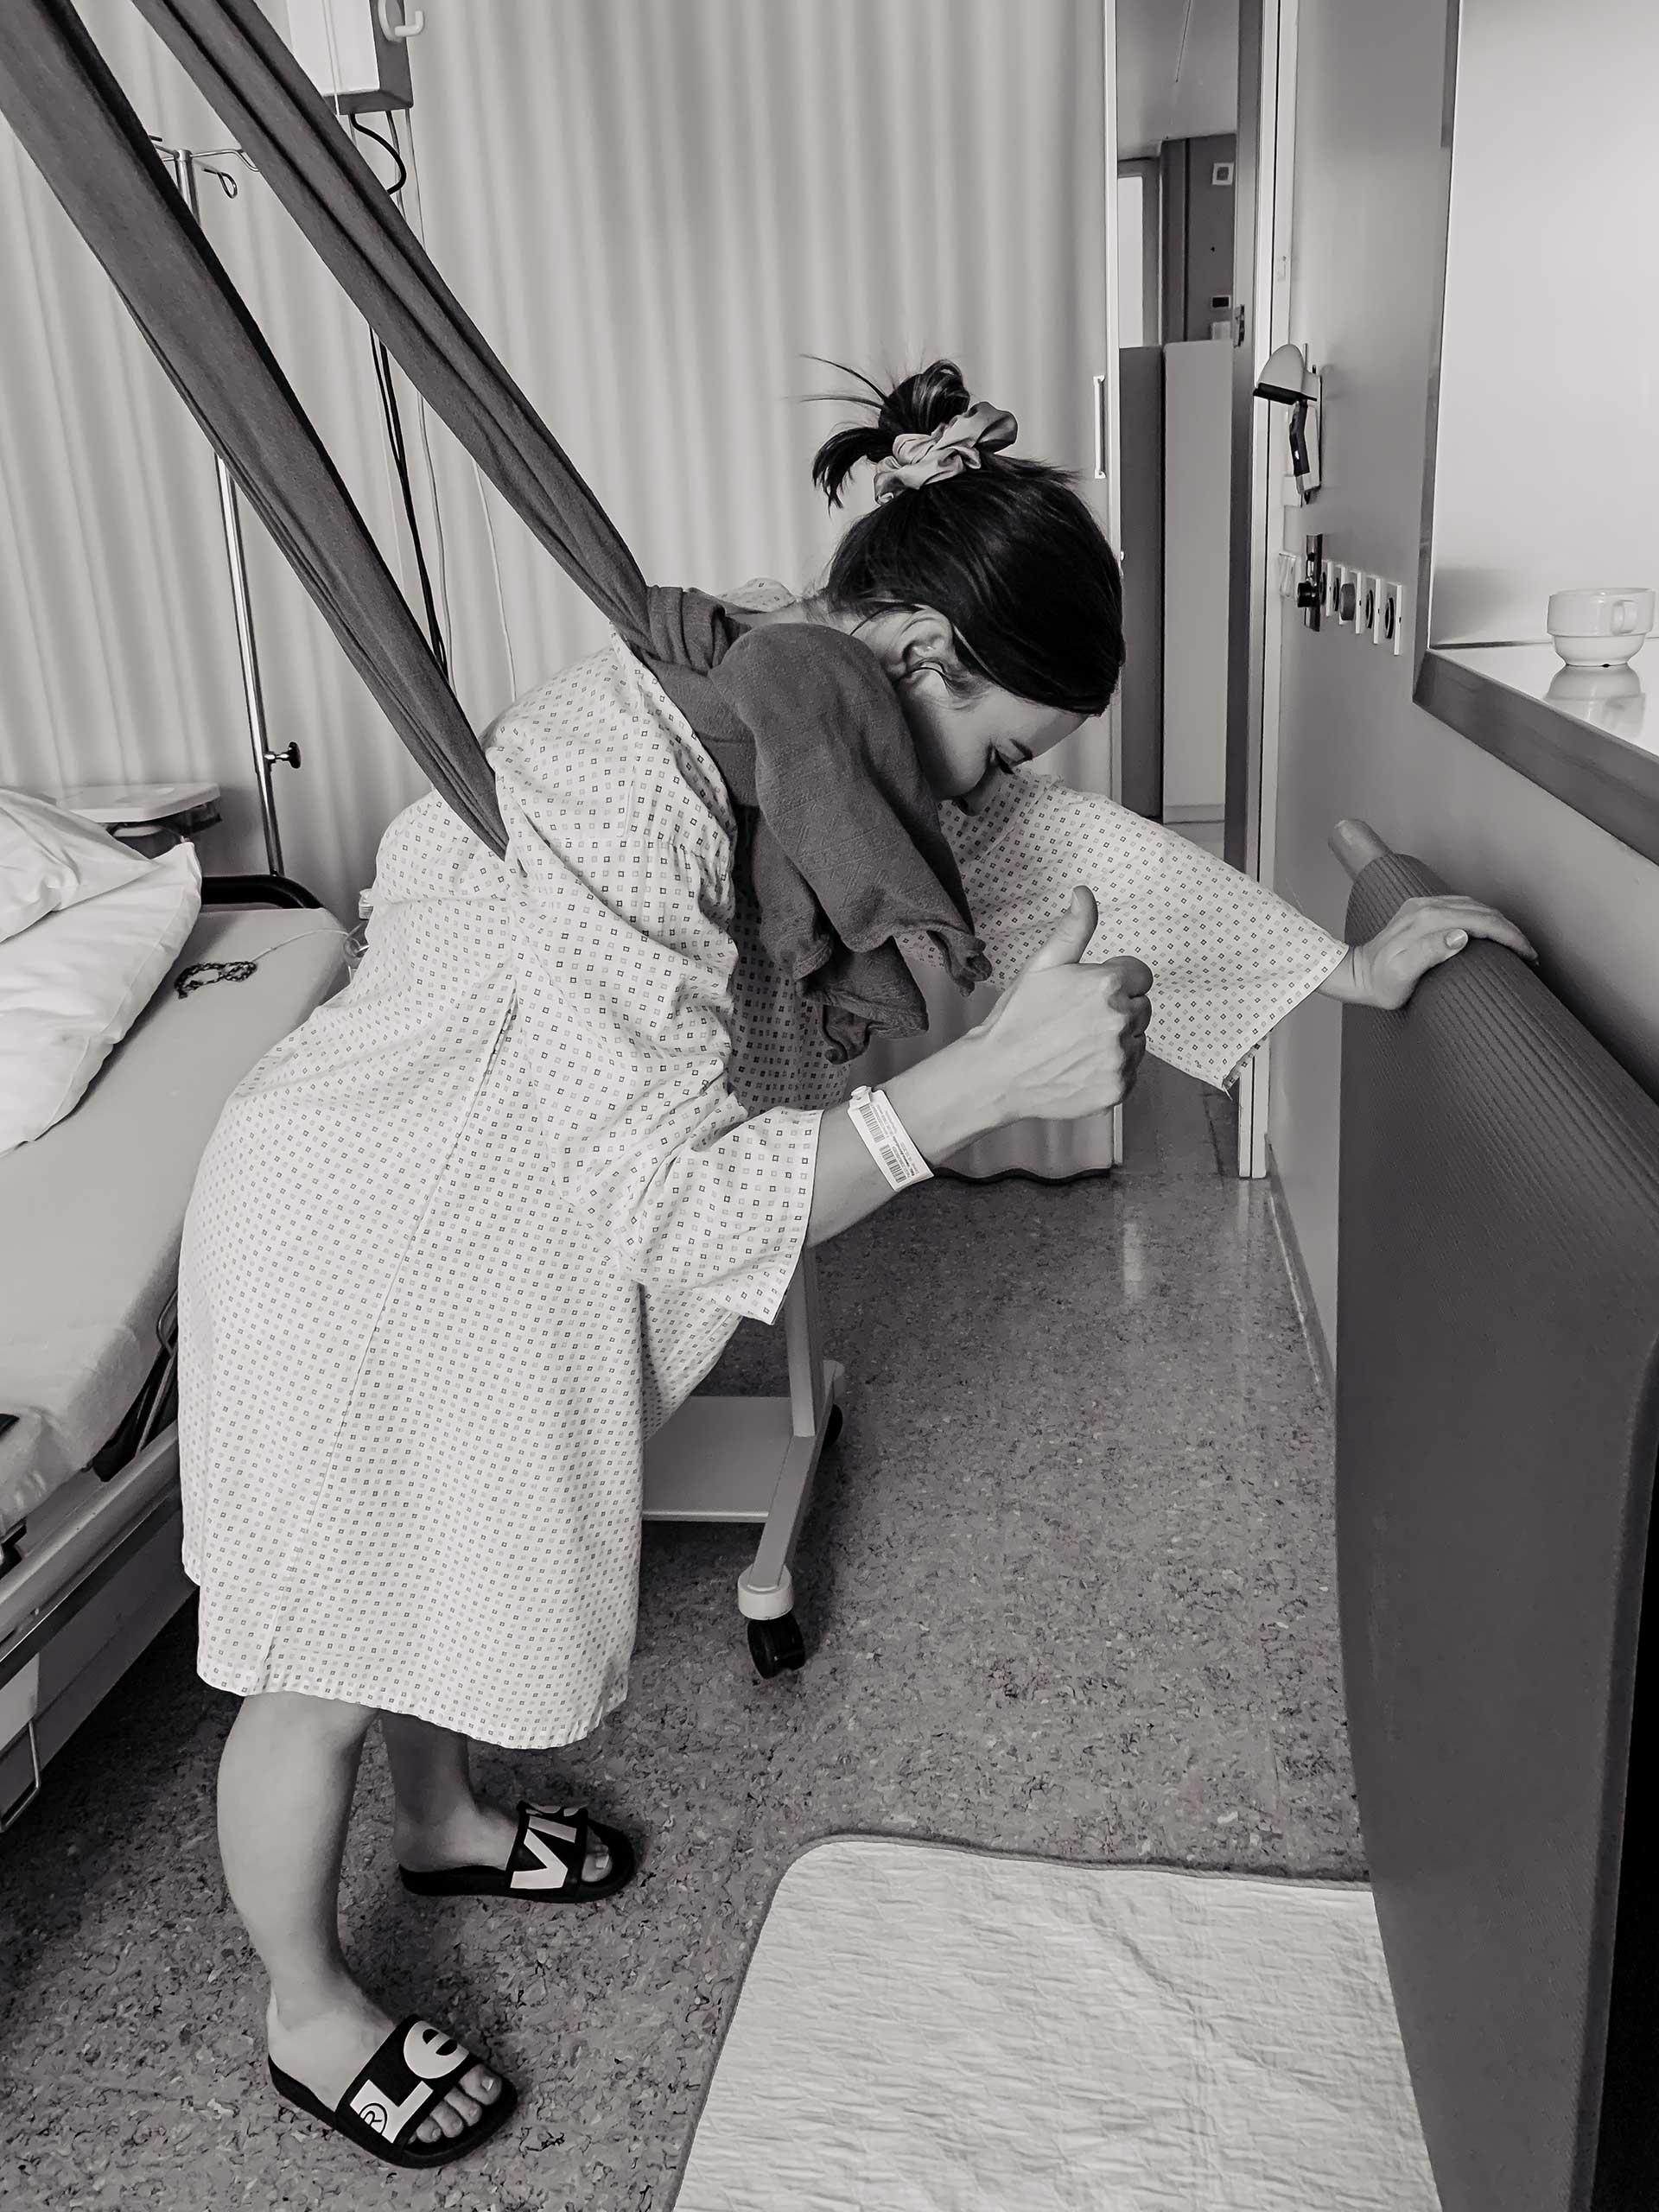 Heute liest du am Mamablog einen schönen Geburtsbericht, und zwar meinen Geburtsbericht!Schön deshalb, weil es für mich eine Traumgeburt war – es gibt nichts, was ich hätte anders machen wollen und es war alles gut so wie es gekommen ist. www.whoismocca.com